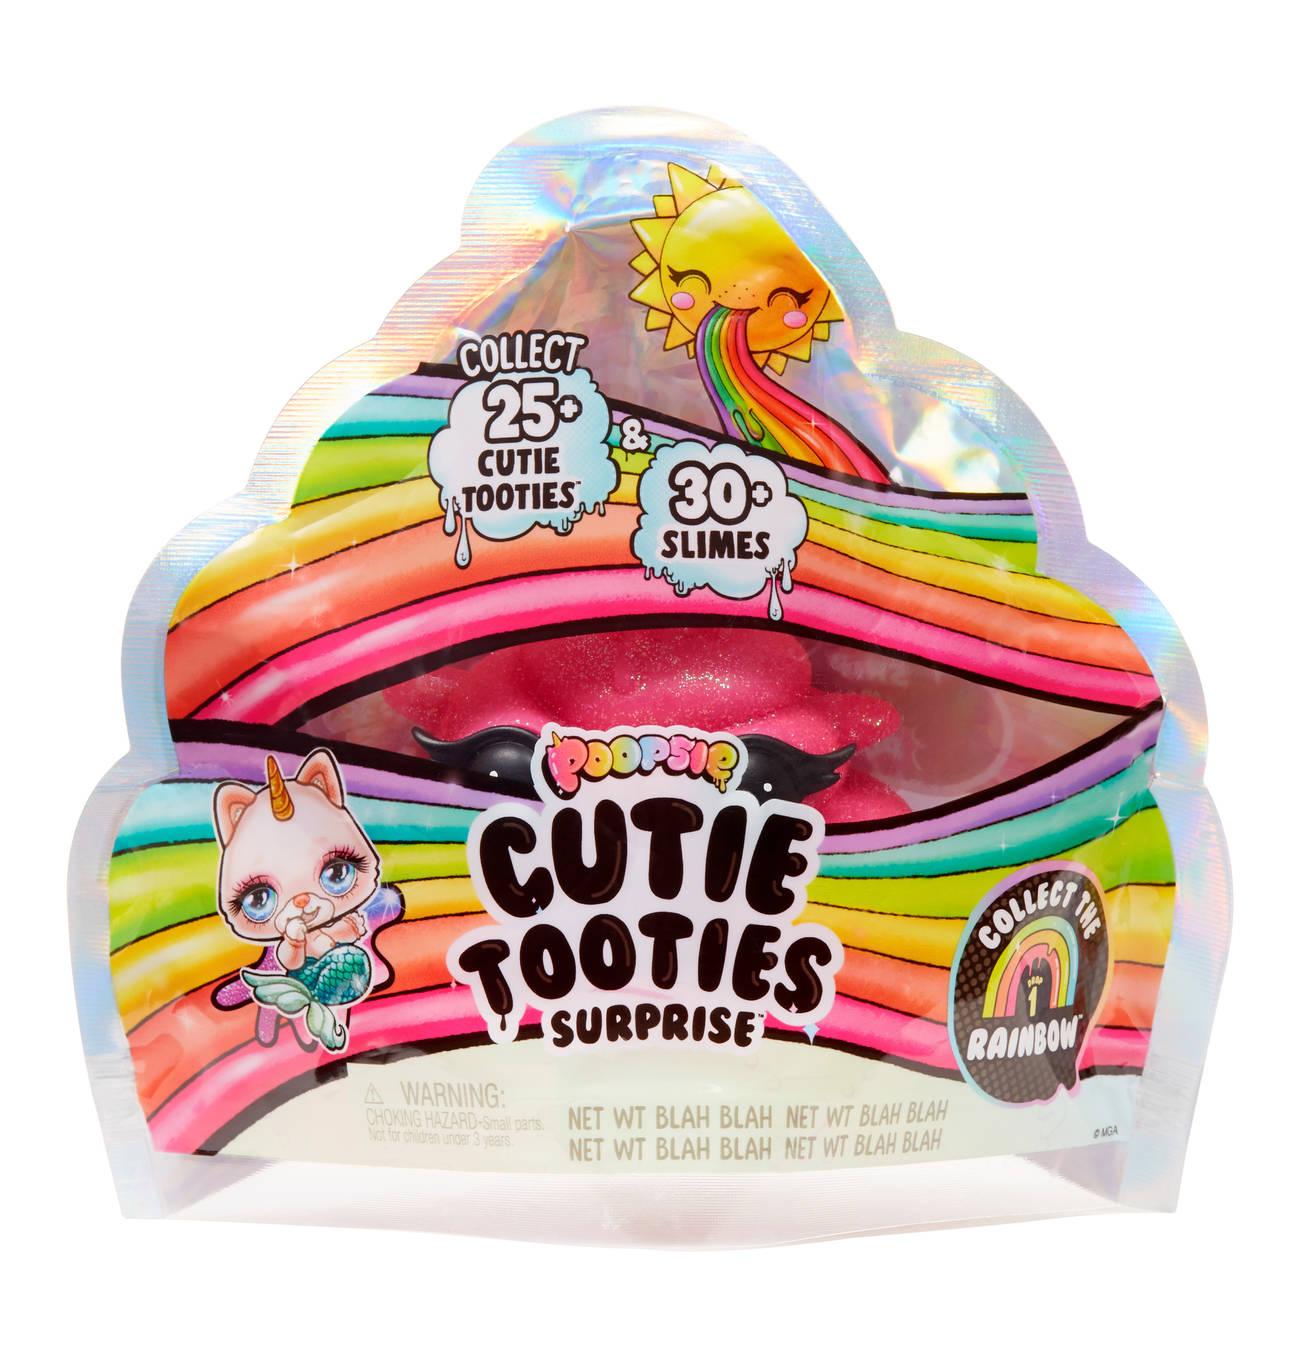 1a Farben.Poopsie Cutie Tooties Surprise Series 1 1a In 2019